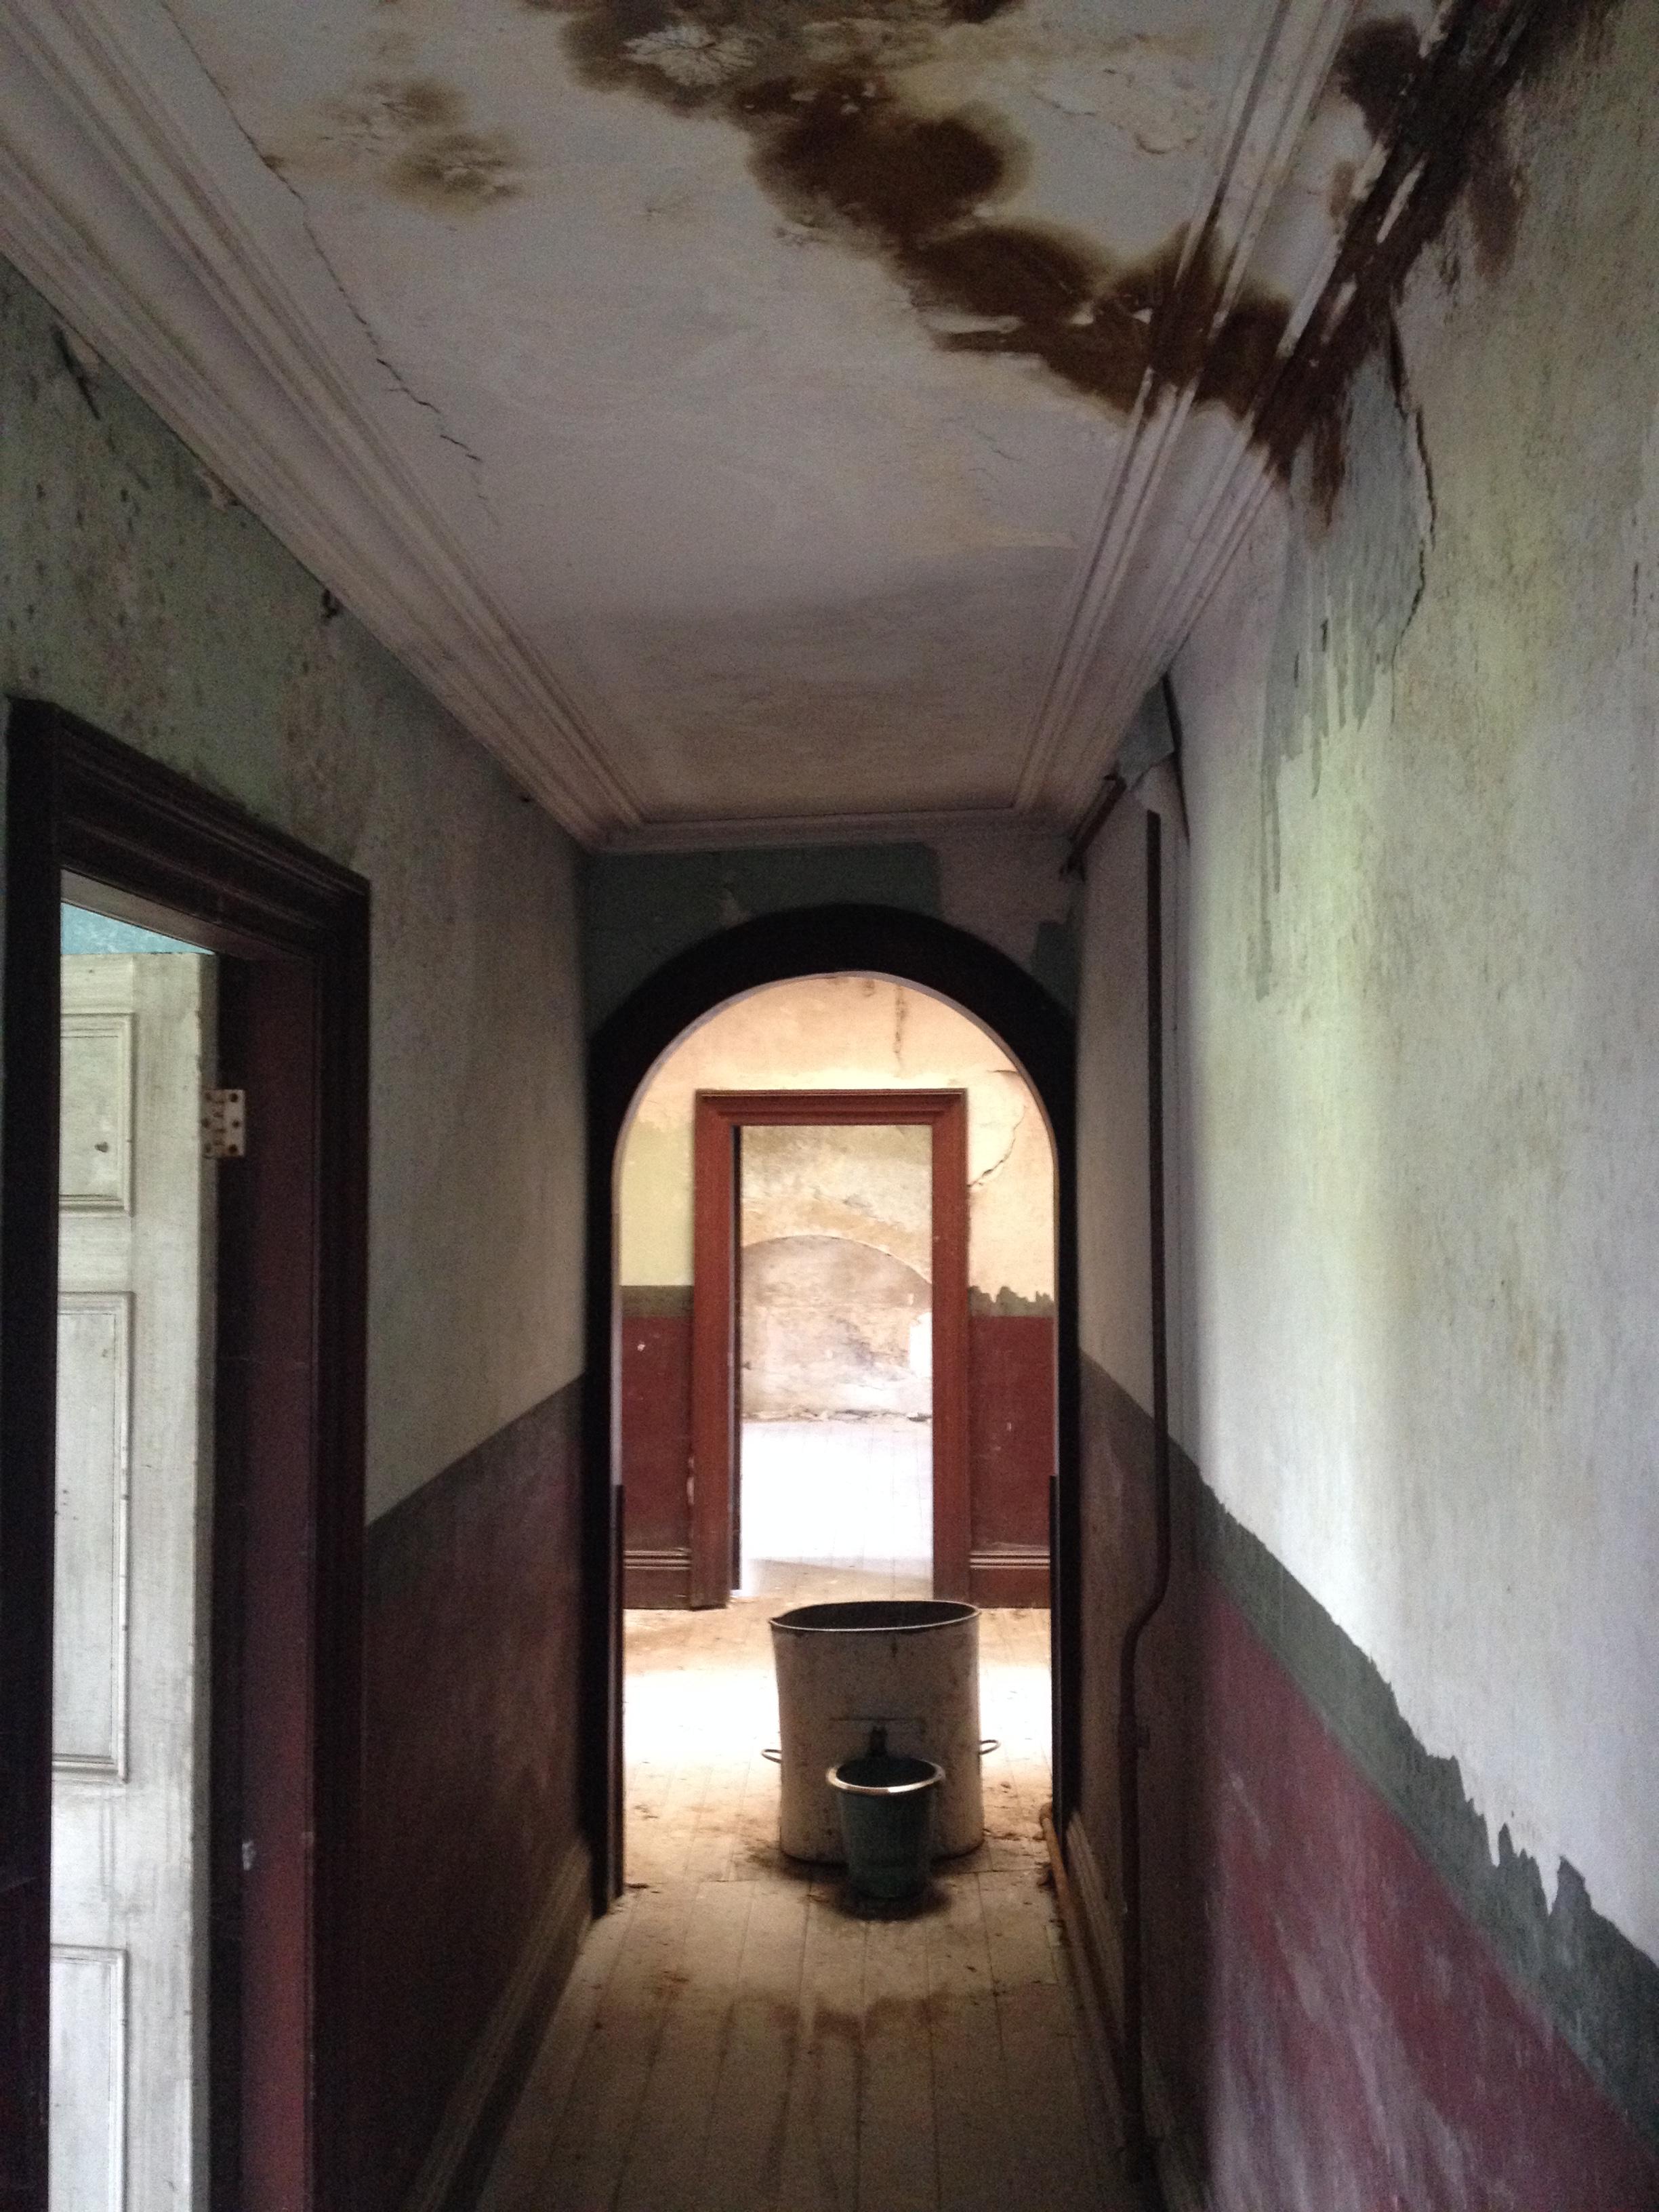 img_9454 & Beyond the Green Baize Door « The Irish Aesthete